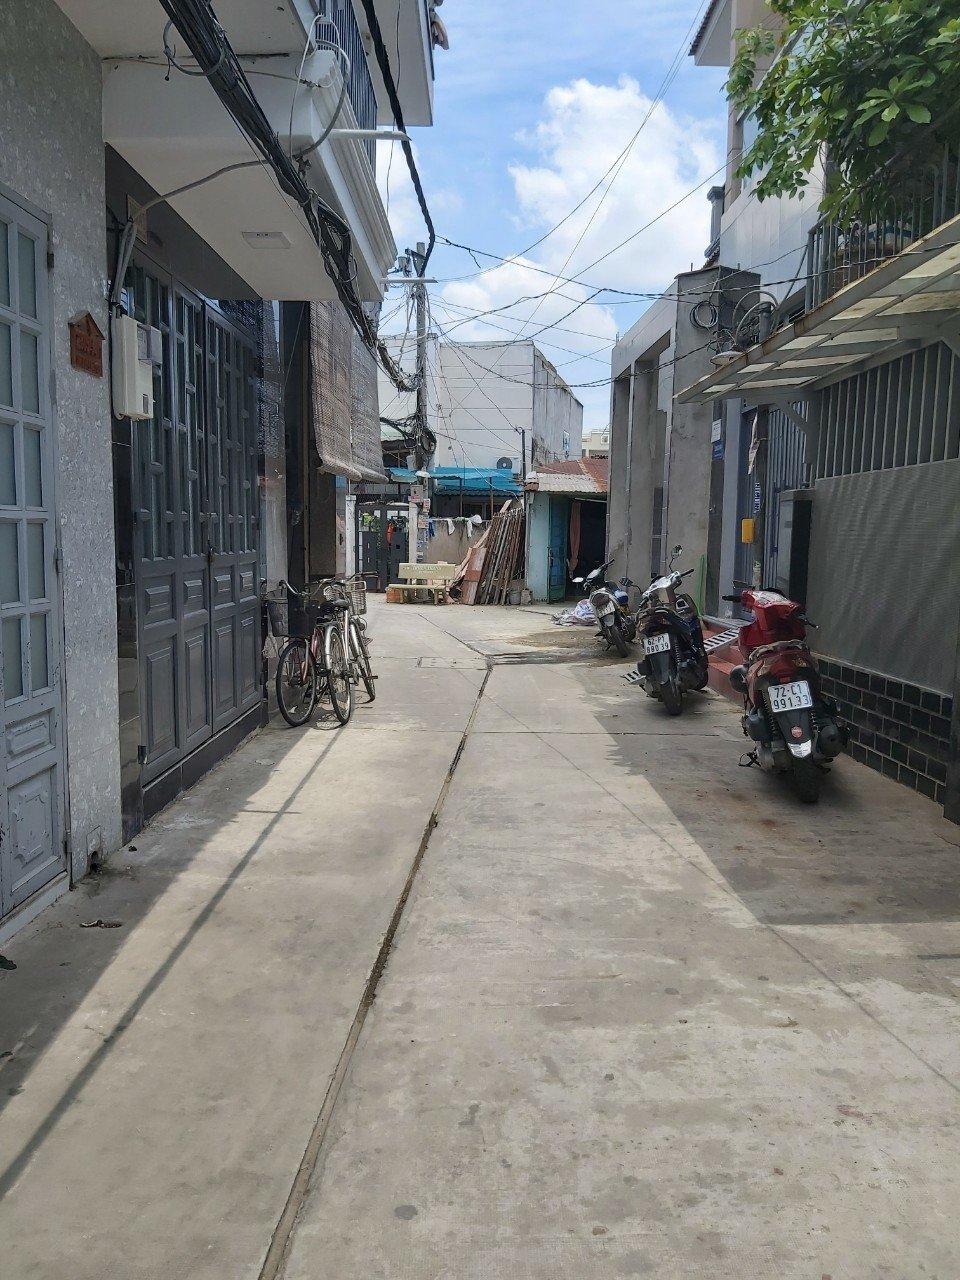 Bán nhà đường Phạm Thế Hiển phường 7 Quận 8 dưới 2 tỷ sổ hồng riêng mới nhất 2021